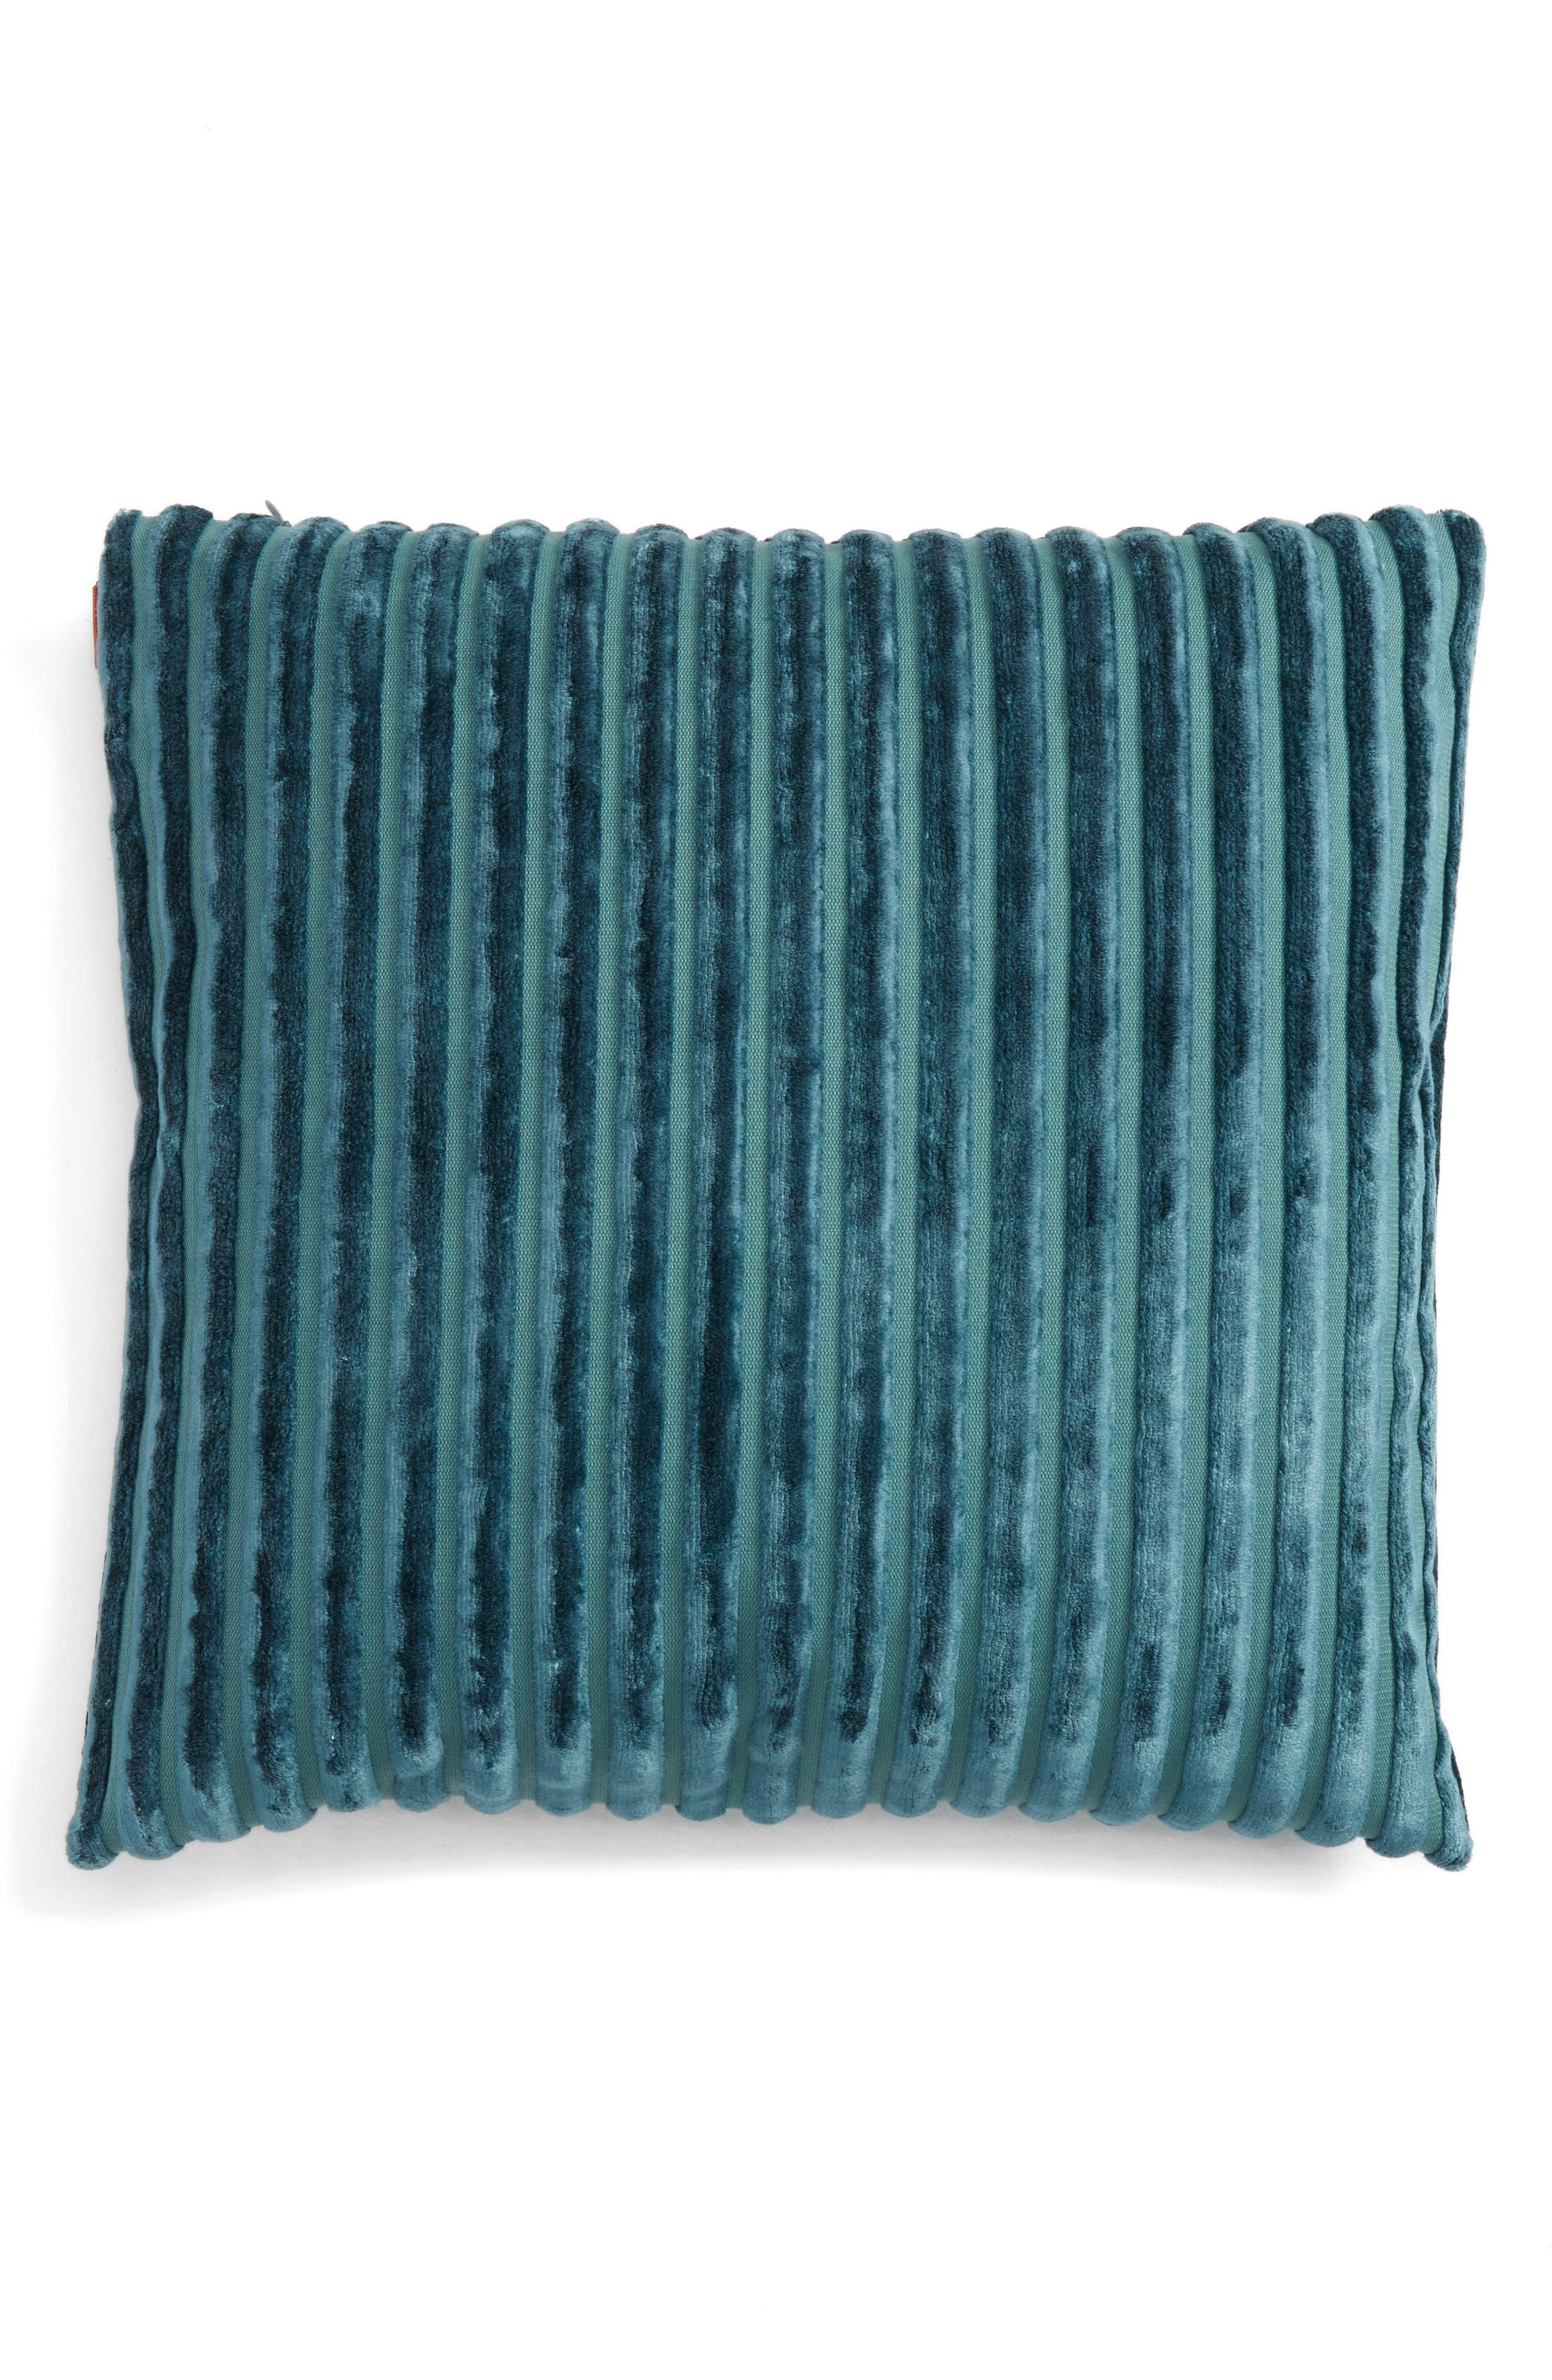 Missoni Rabat Accent Pillow